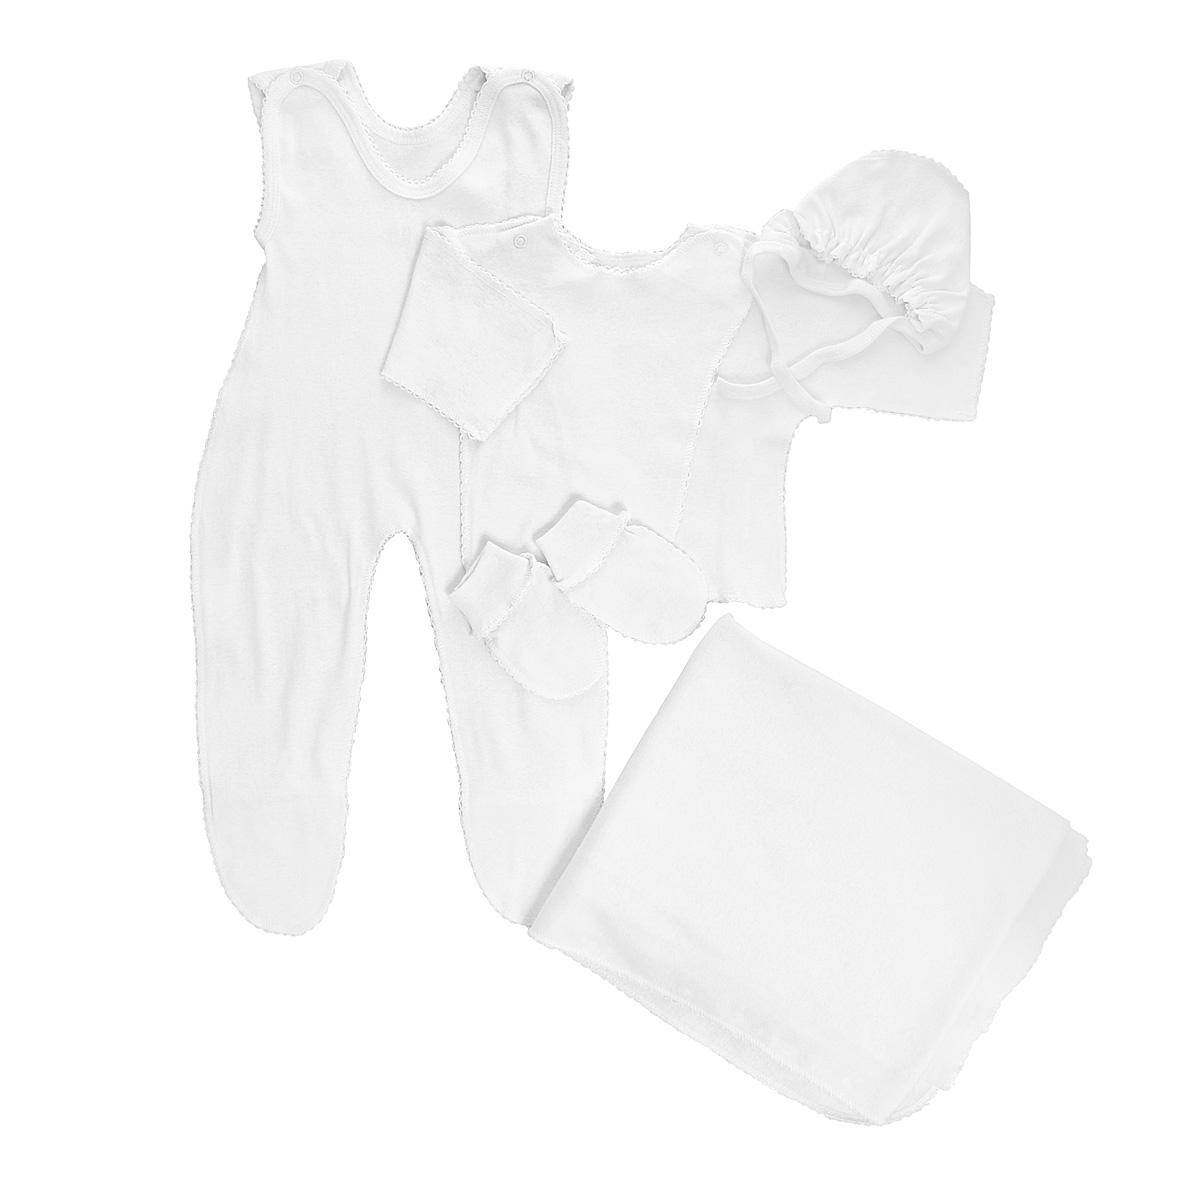 Комплект одежды7127Комплект для новорожденного Трон-плюс - это замечательный подарок, который прекрасно подойдет для первых дней жизни малыша. Комплект состоит из ползунков с грудкой и закрытыми ножками, распашонки, чепчика, рукавичек и пеленки. Комплект изготовлен из натурального хлопка, благодаря чему он необычайно мягкий и приятный на ощупь, не сковывает движения младенца и позволяет коже дышать, не раздражает даже самую нежную и чувствительную кожу ребенка, обеспечивая ему наибольший комфорт. Распашонка с запахом, застегивается при помощи двух кнопок на плечах, которые позволяют без труда переодеть ребенка. Швы выполнены наружу и обработаны ажурными петельками. Ползунки с закрытыми ножками, застегивающиеся сверху на две кнопочки, идеально подойдут вашему ребенку, обеспечивая ему наибольший комфорт. Подходят для ношения с подгузником и без него. Мягкий чепчик с завязочками защищает еще не заросший родничок, щадит чувствительный слух малыша, прикрывая ушки, и предохраняет от...